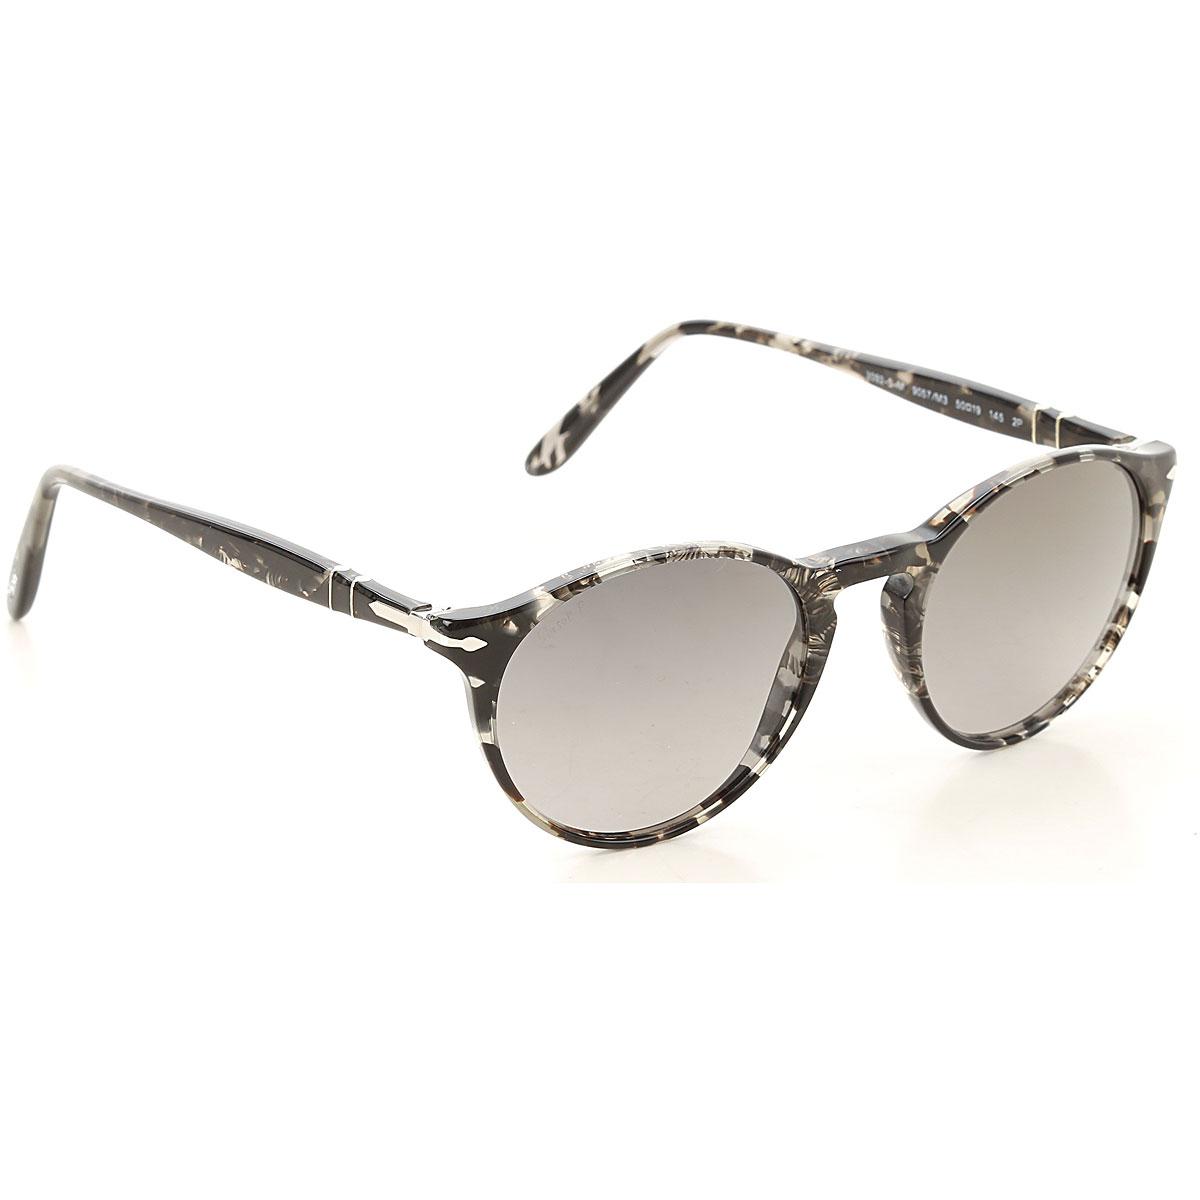 Persol Sunglasses On Sale, Black Havana, 2019